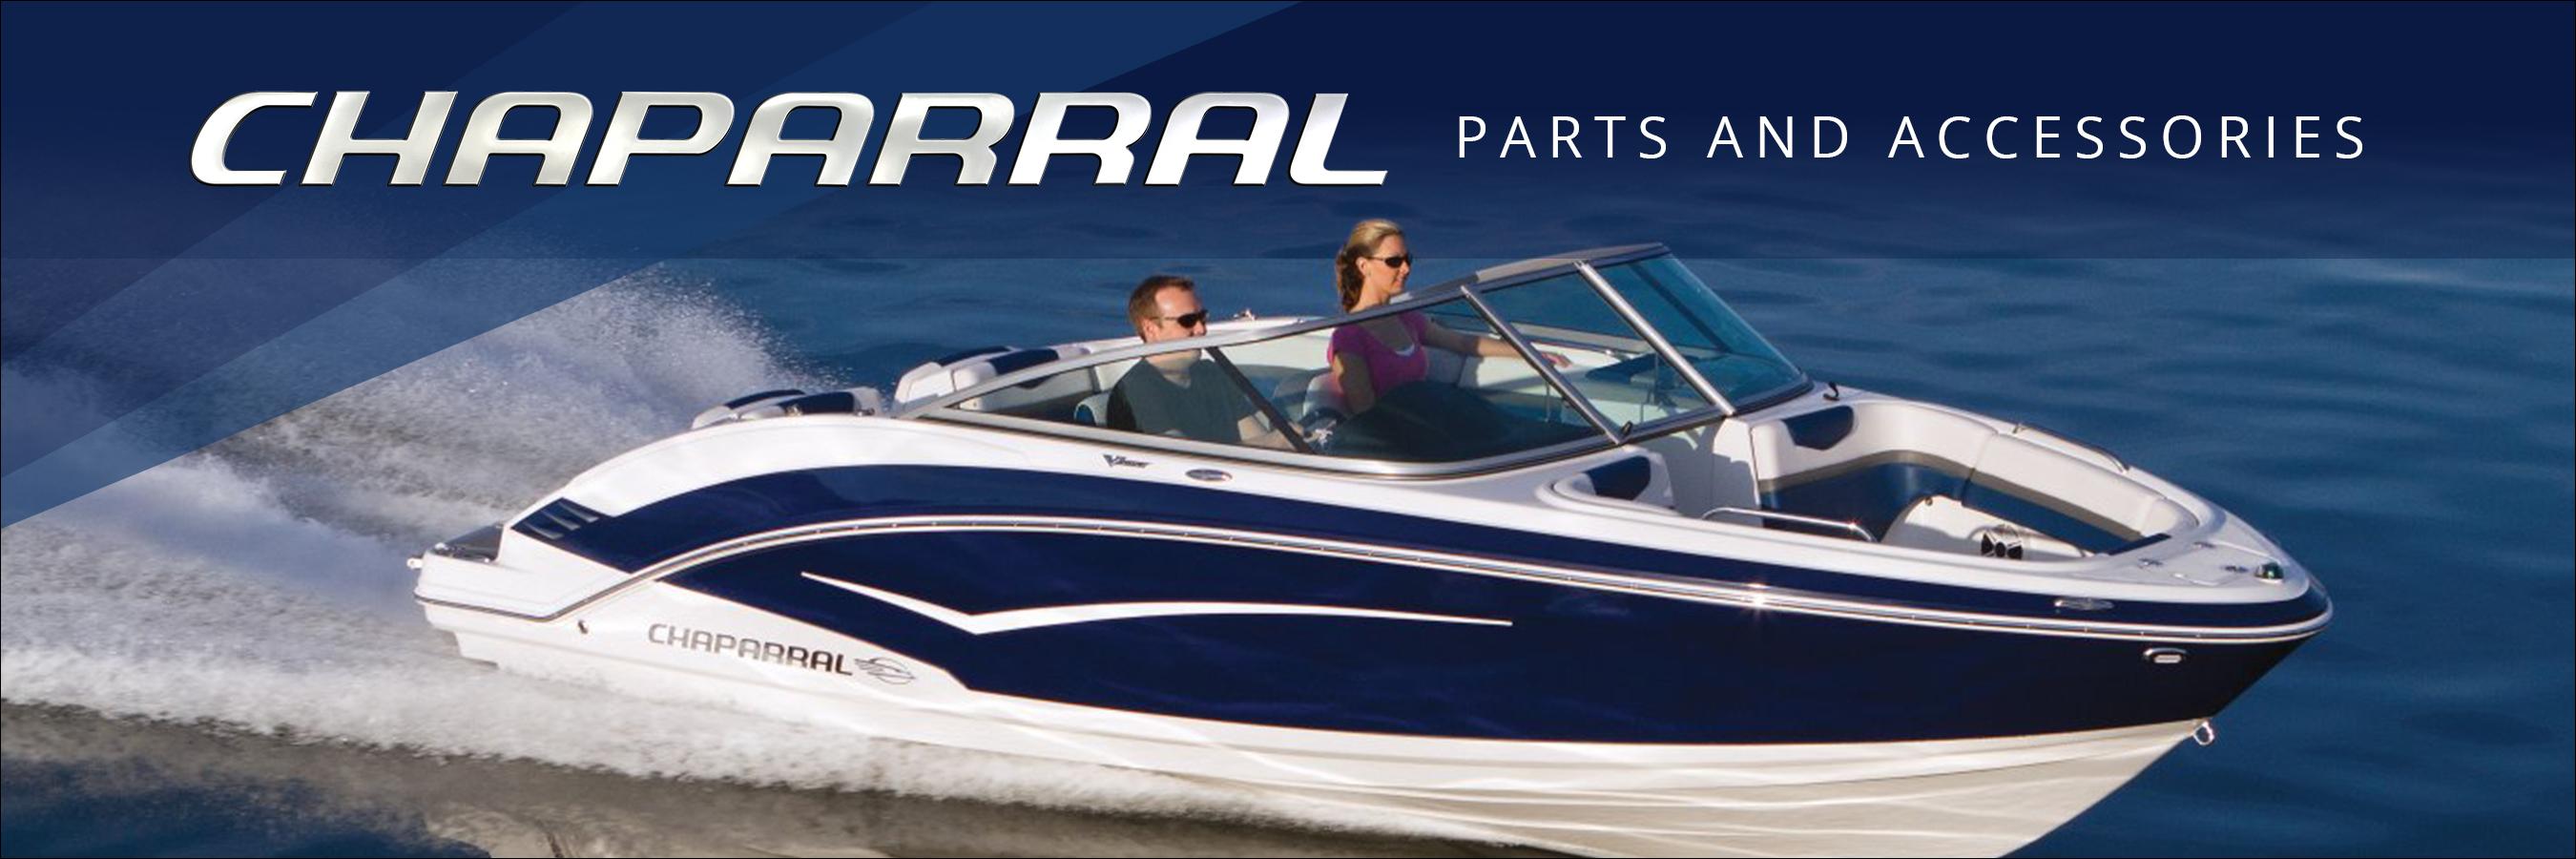 Chaparral Boat Parts